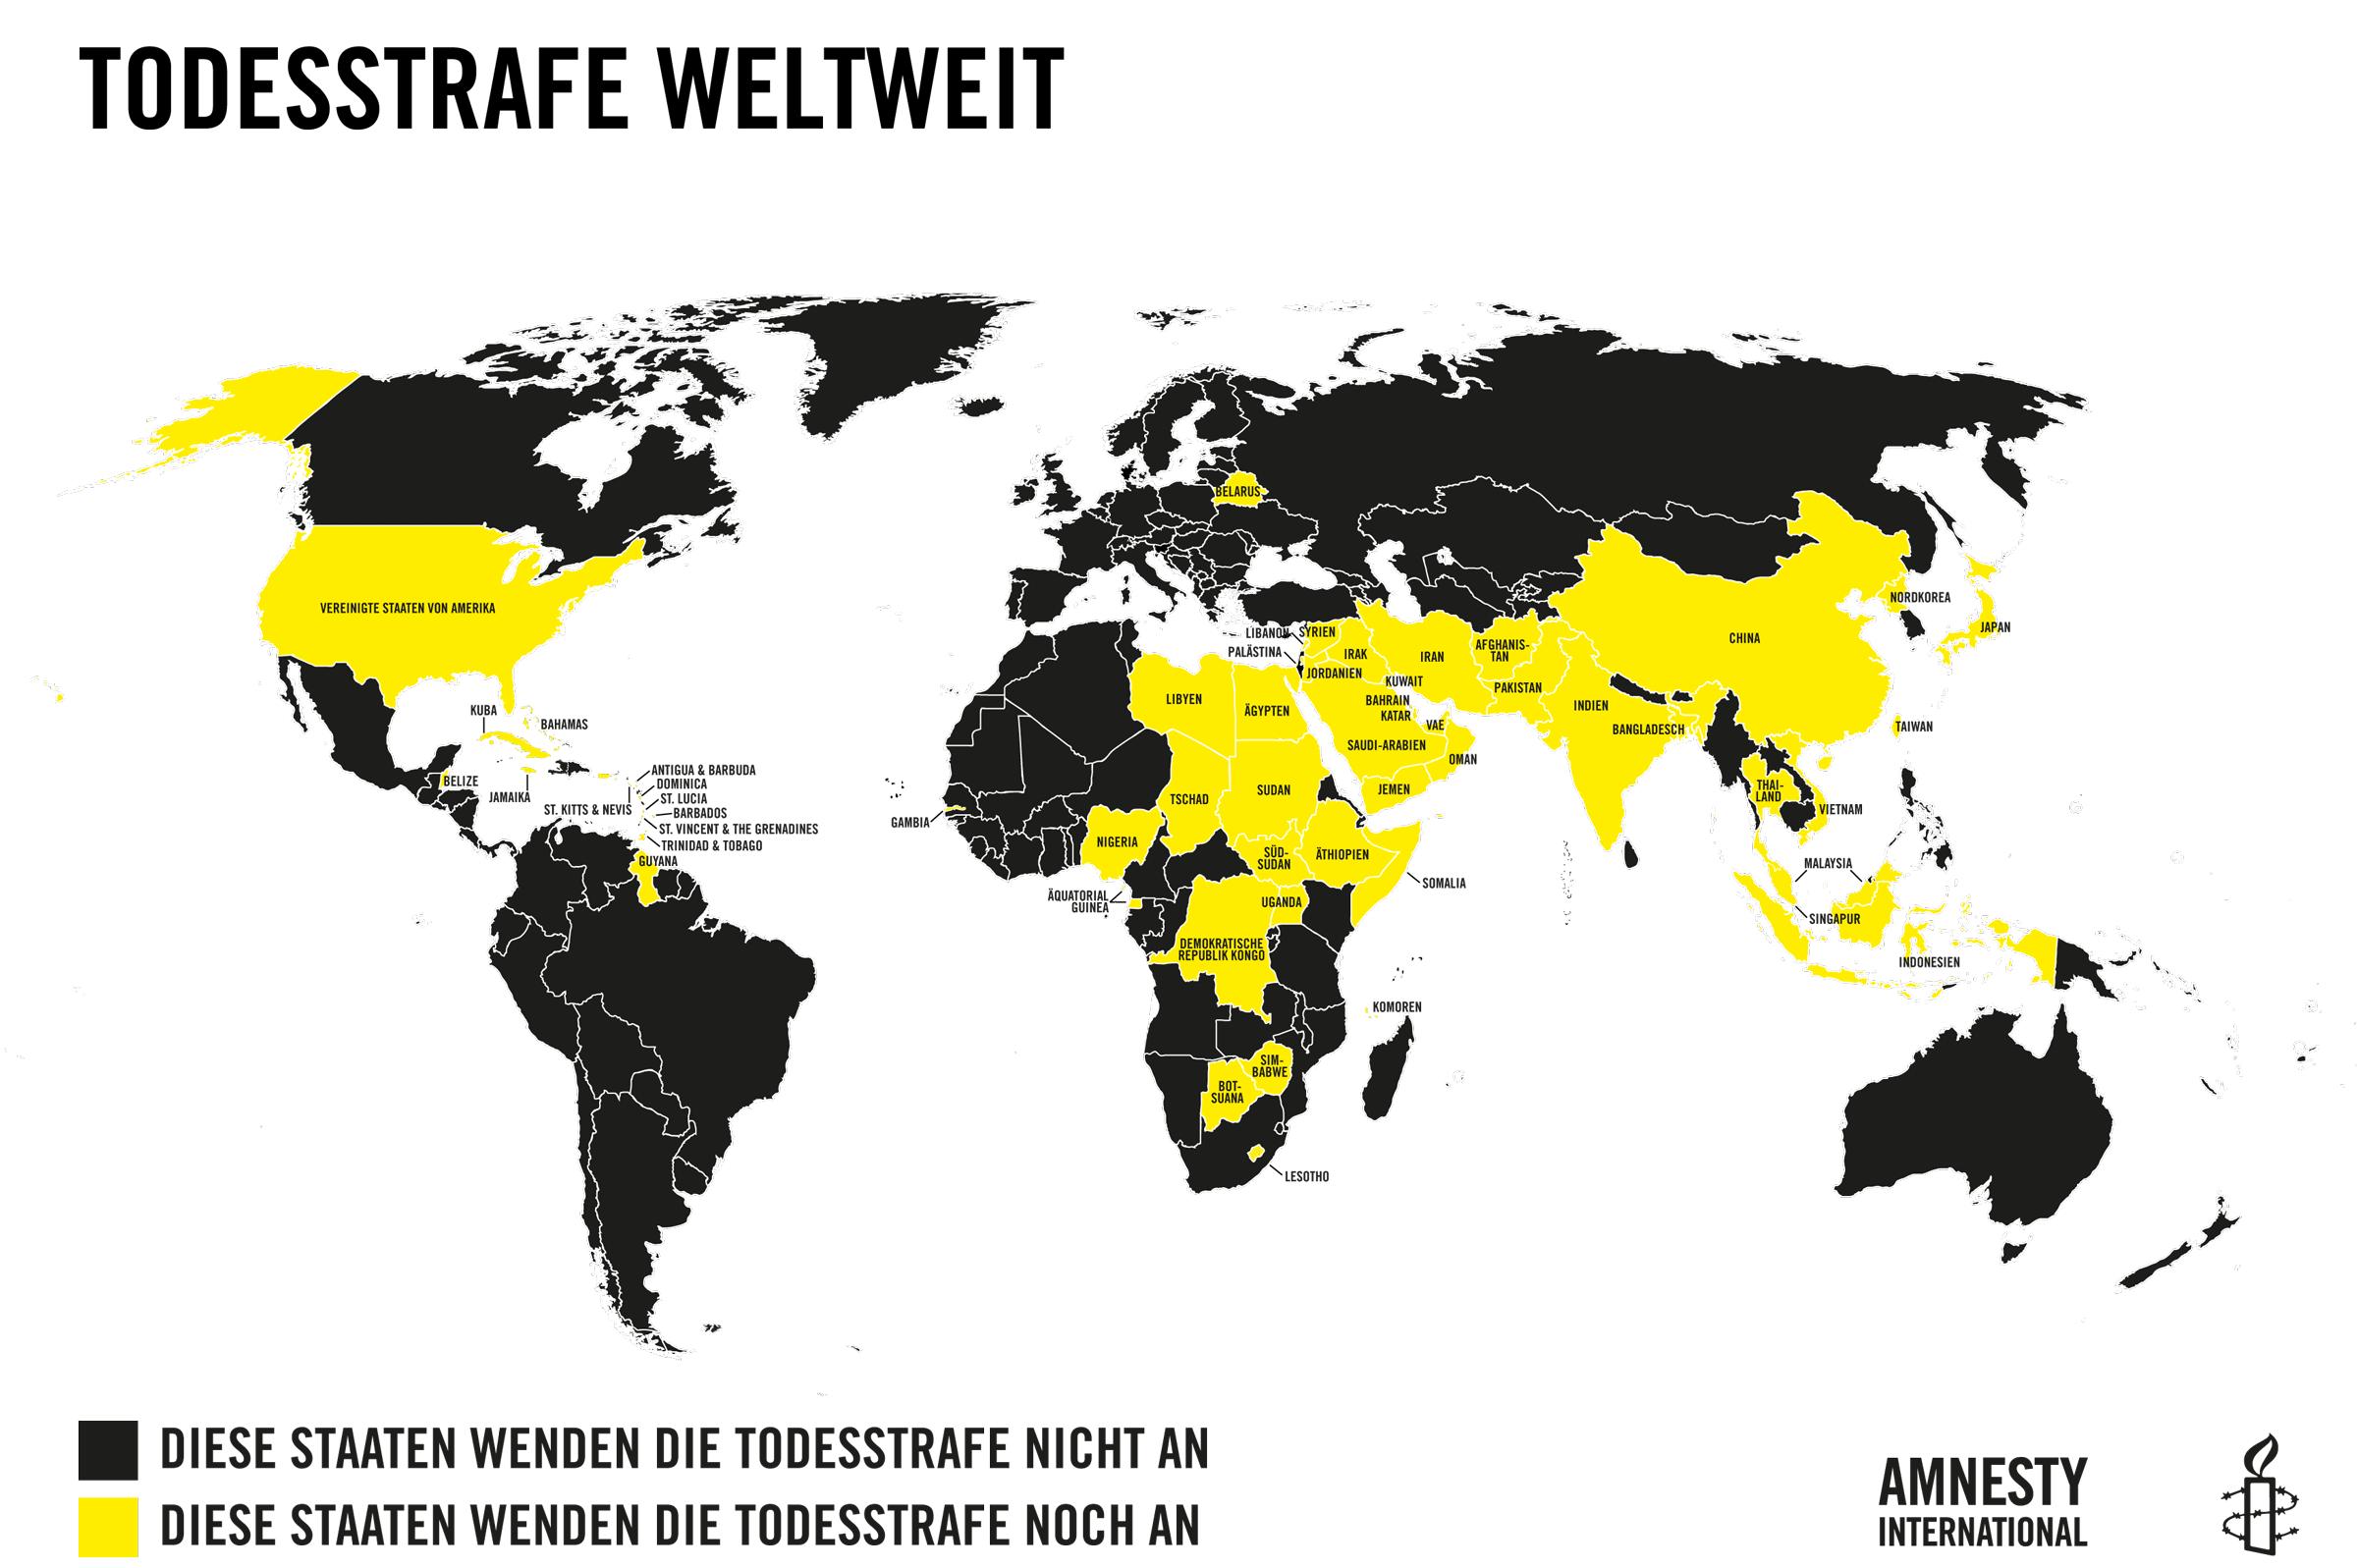 Usa Karte Ohne Staaten.Todesstrafen Statistik 2018 Amnesty International österreich